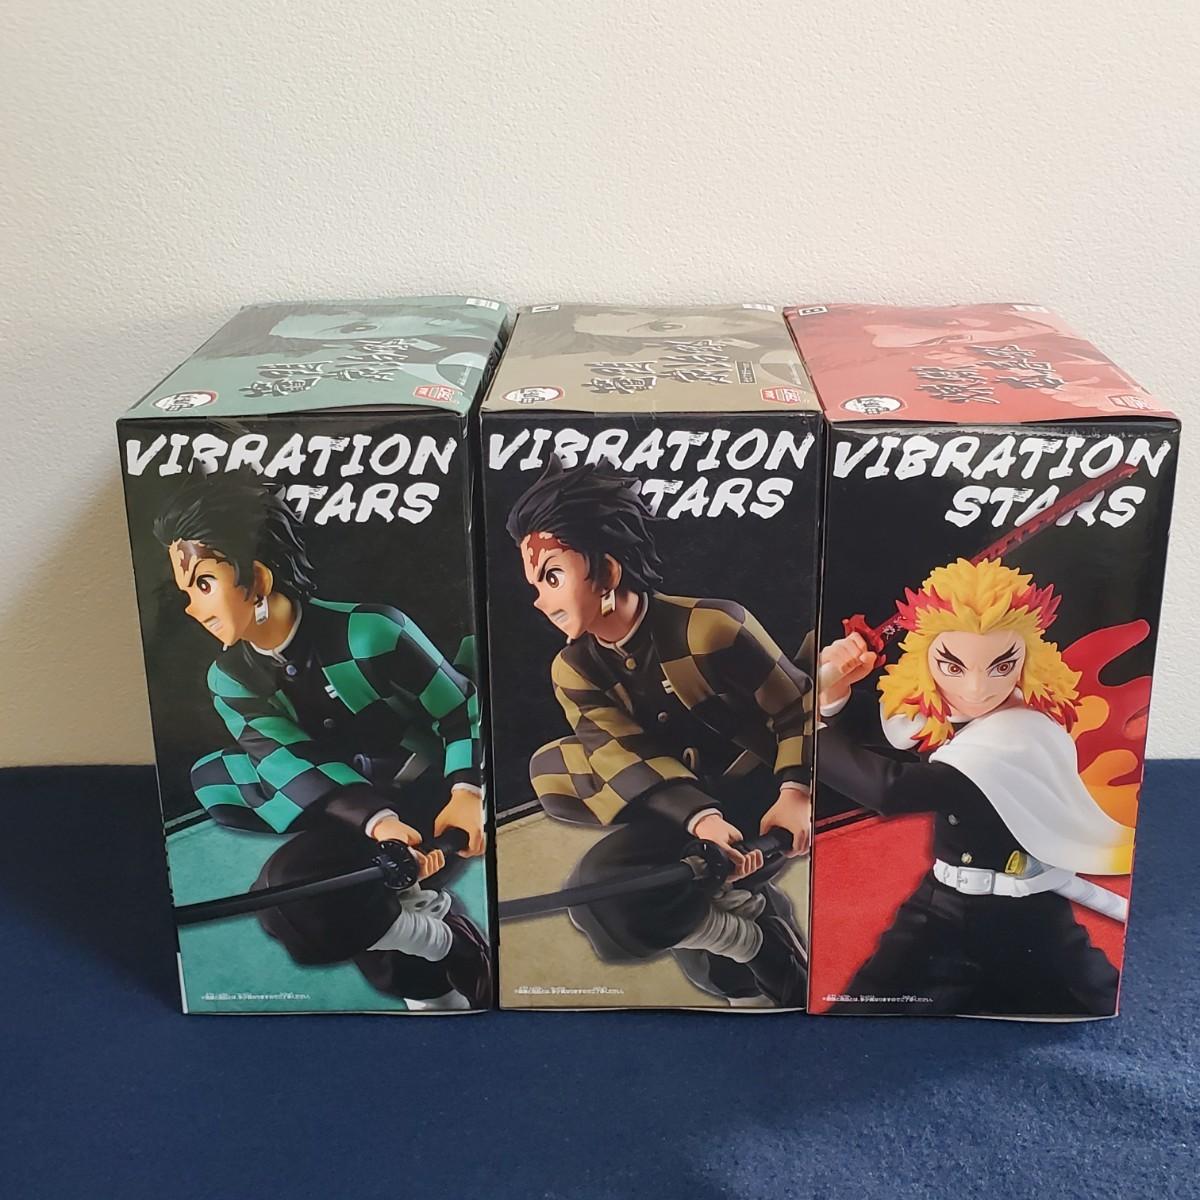 鬼滅の刃 フィギュア3個セット VIBRATION STARS 竈門 炭治郎 煉獄 杏寿郎 ノーマルカラー セピアカラー